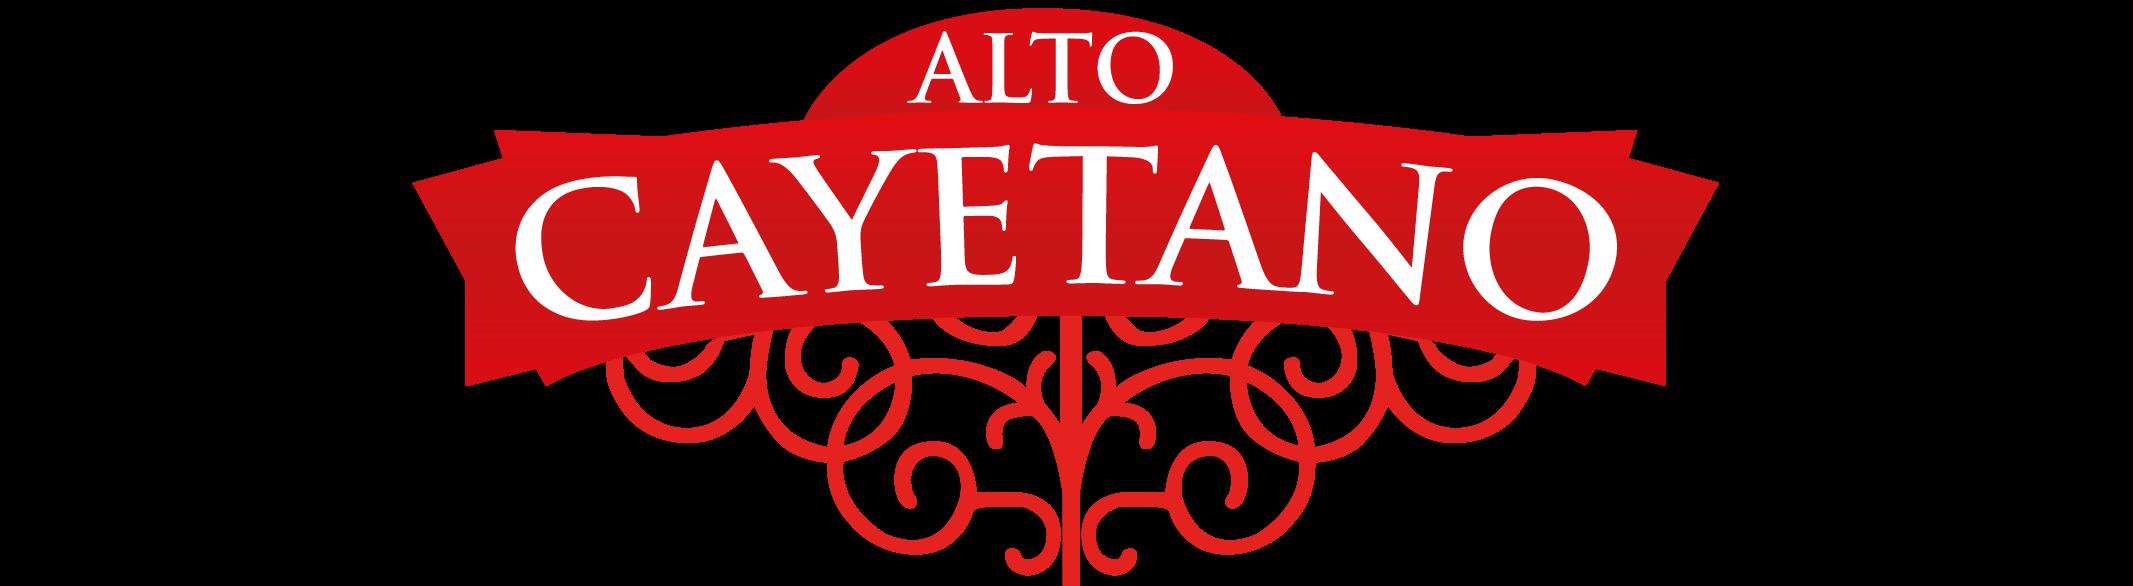 Café Alto Cayetano